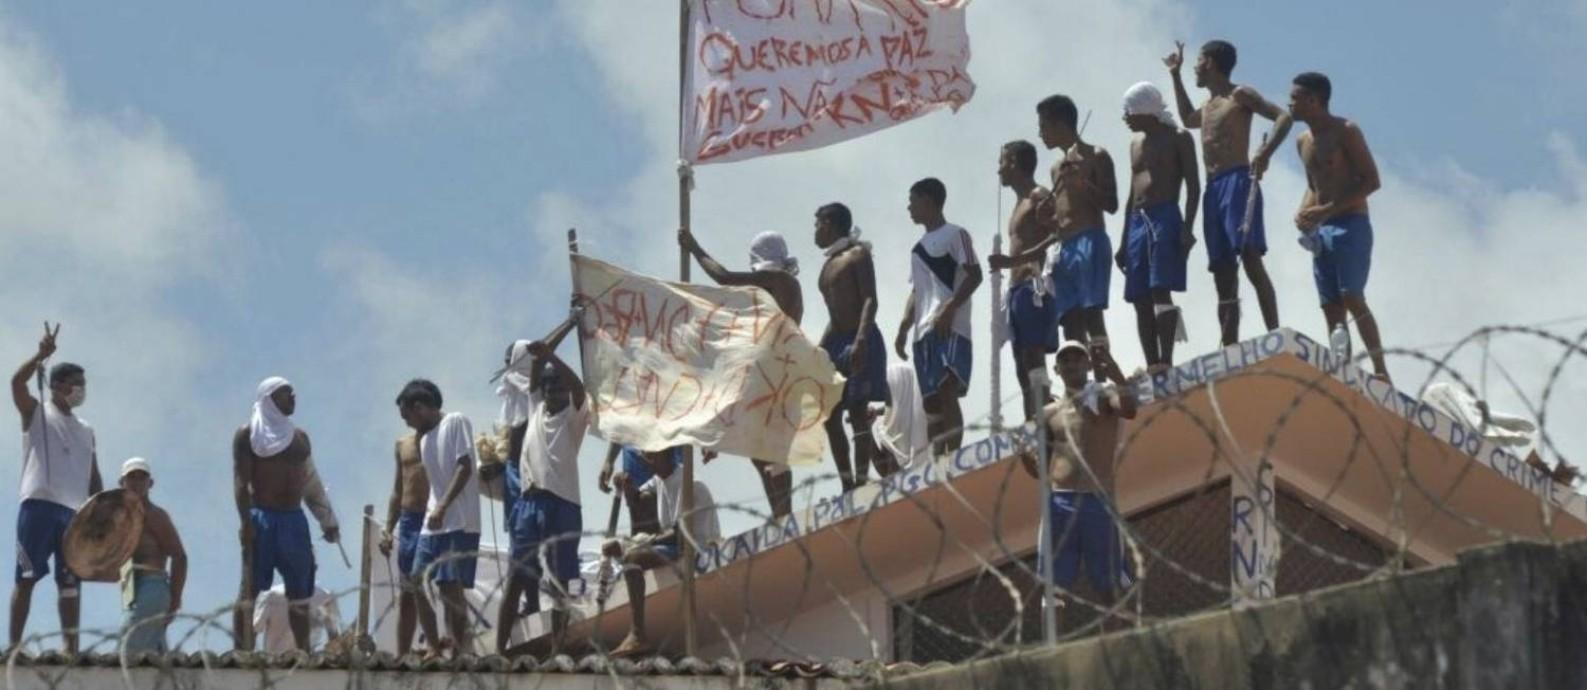 Levante de presos na penitenciária de Alcaçuz, no Rio Grande do Norte, deixou 26 mortos: força-tarefa de agentes penitenciários atua na unidade Foto: Josemar Gonçalves / Agência O Globo